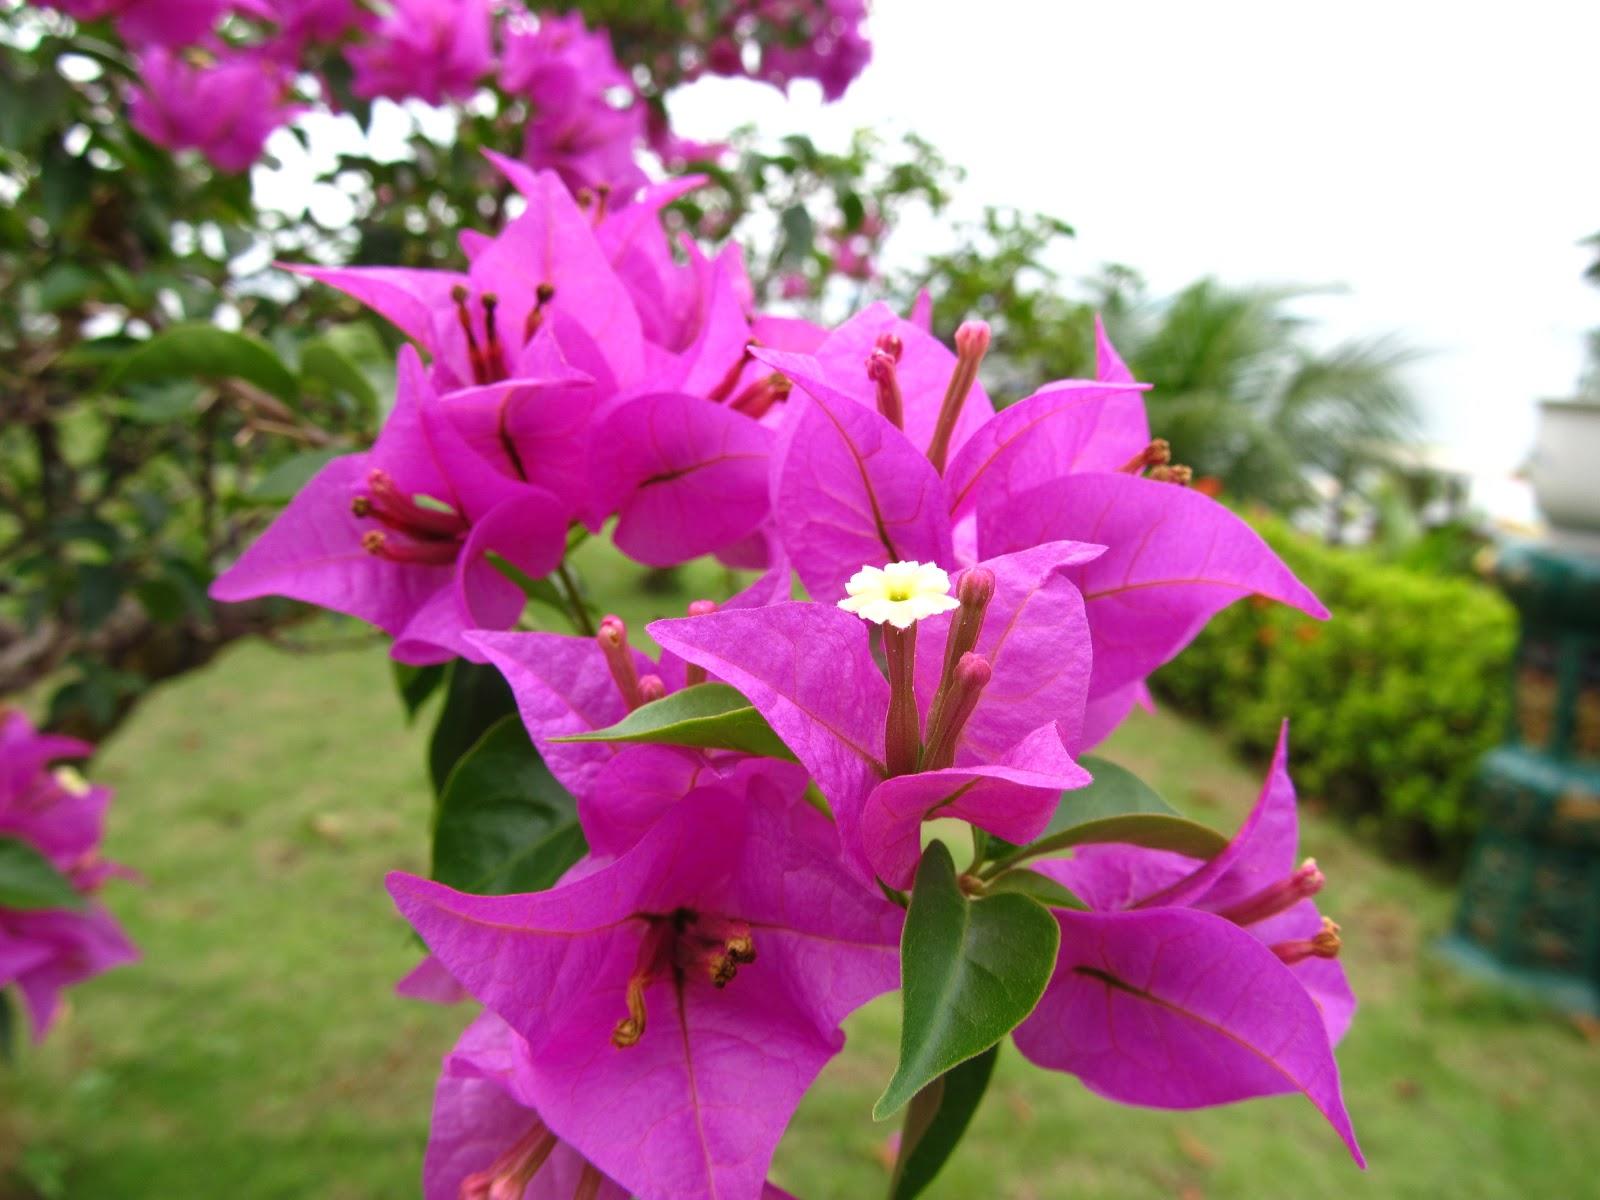 Morfologi tumbuhan praktikum vii rumus bunga dan diagram bunga black pearl ccuart Image collections